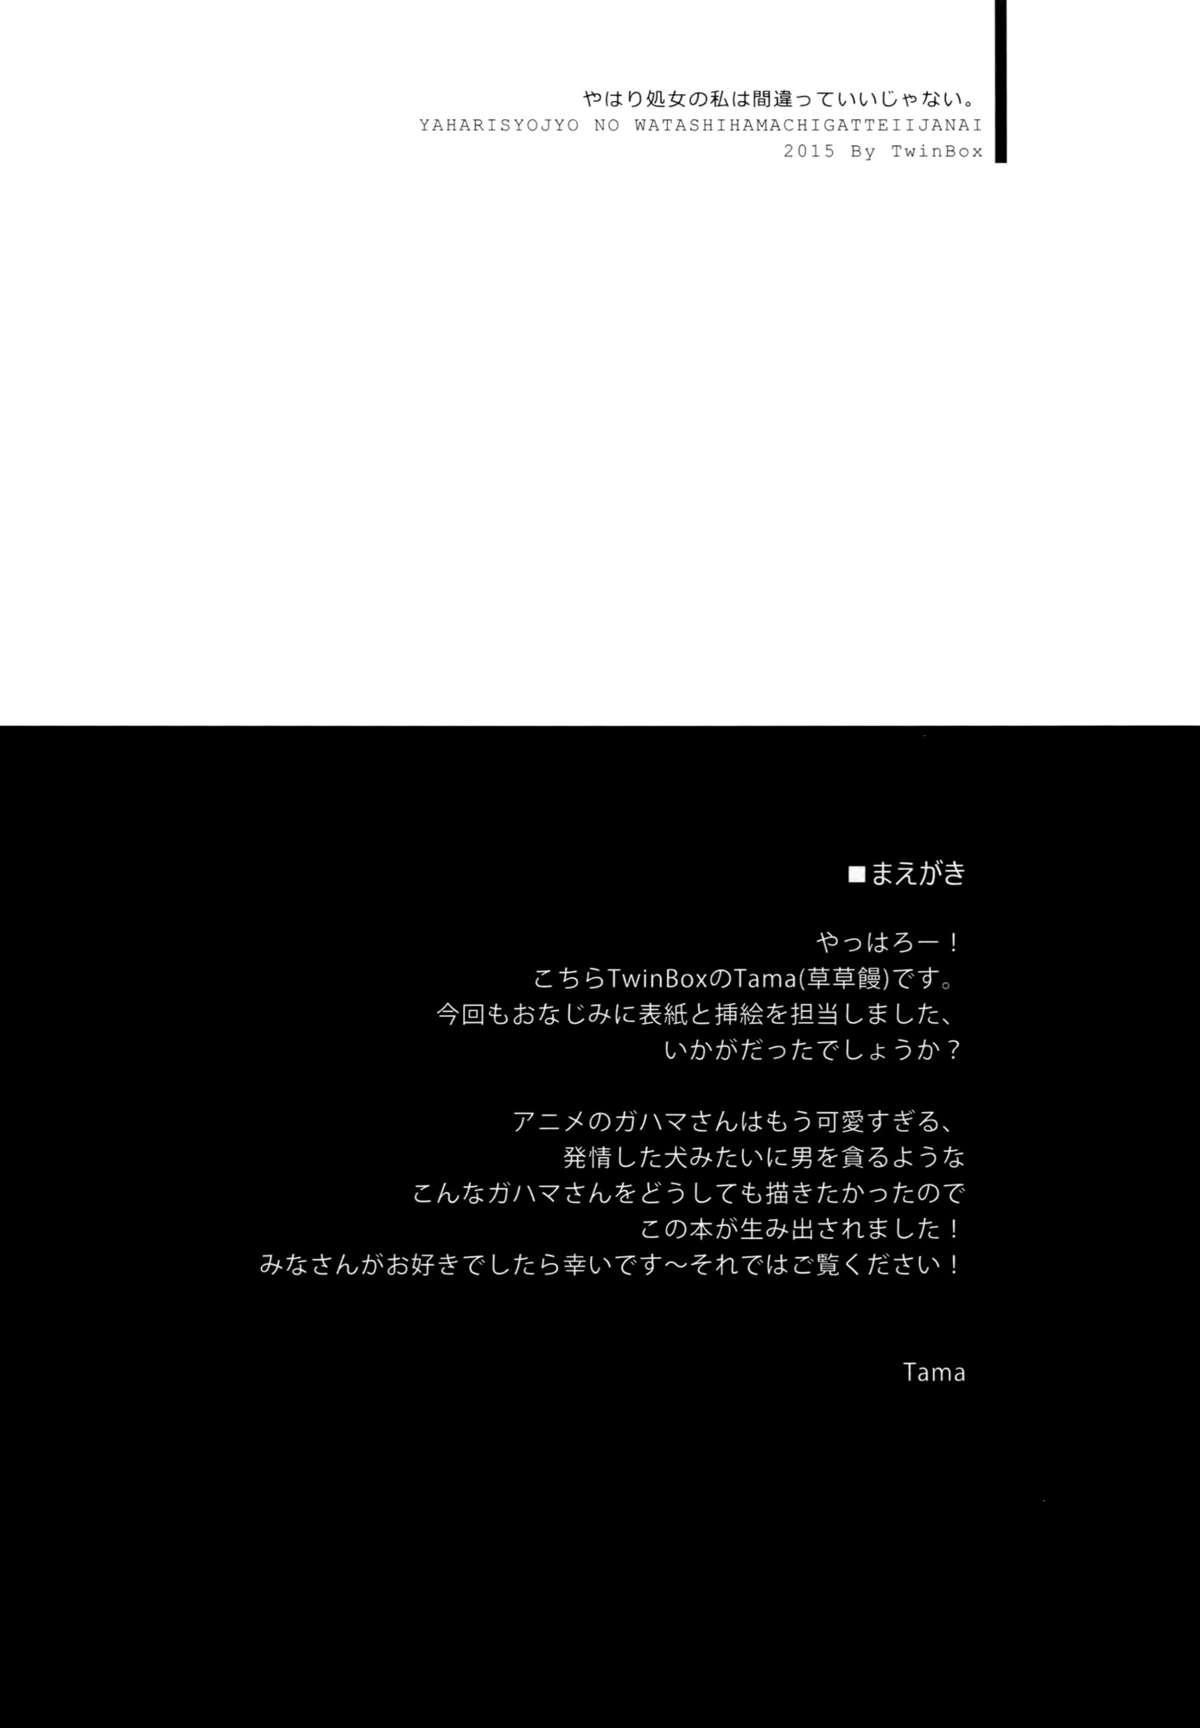 Yahari Shojo no Watashi wa Machigatte Ii janai. 3